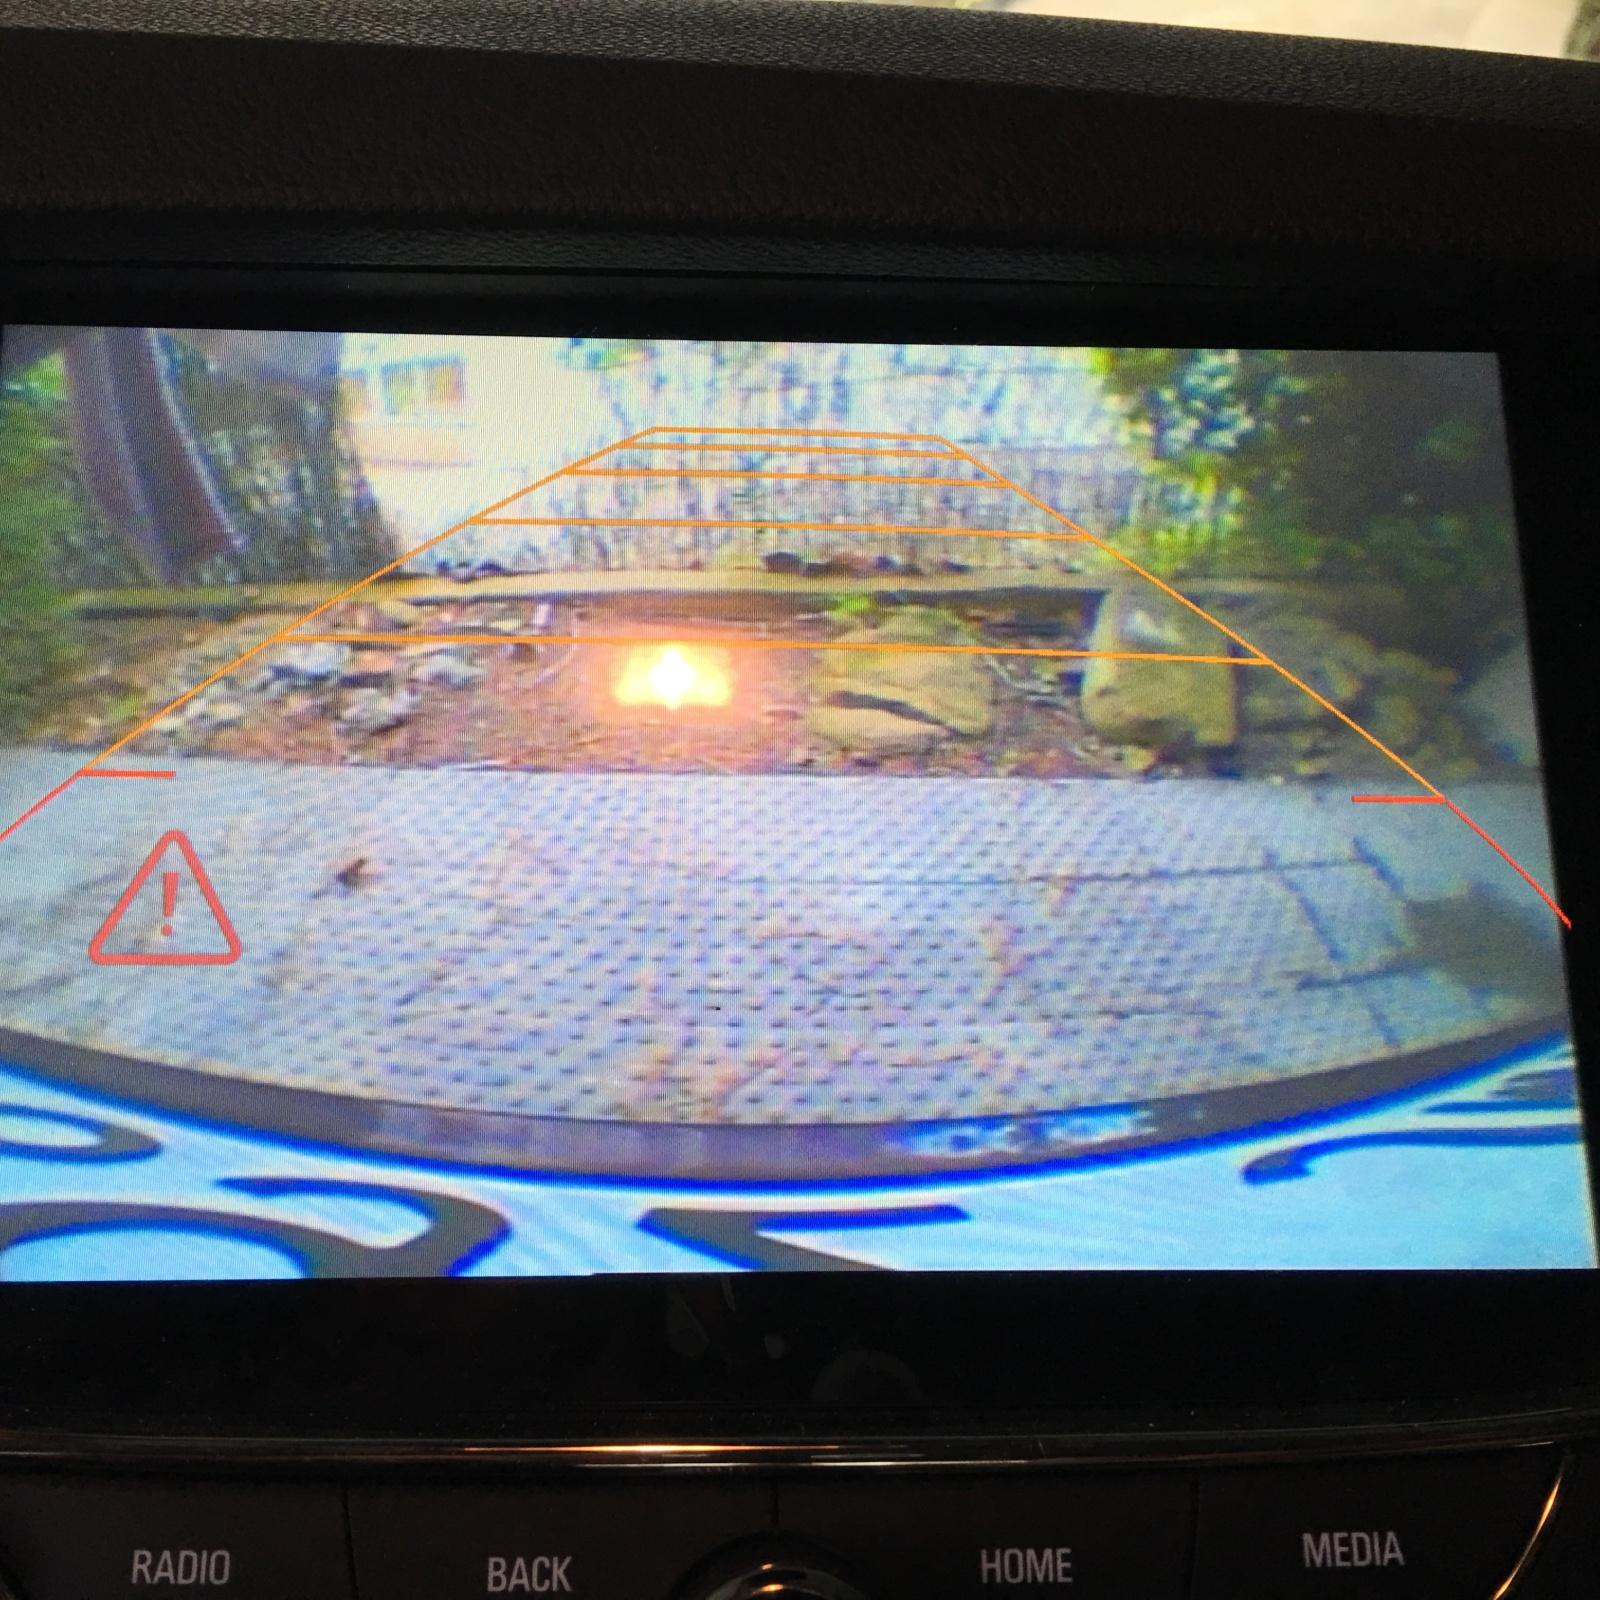 Poca calidad cámara trasera 10h91uc